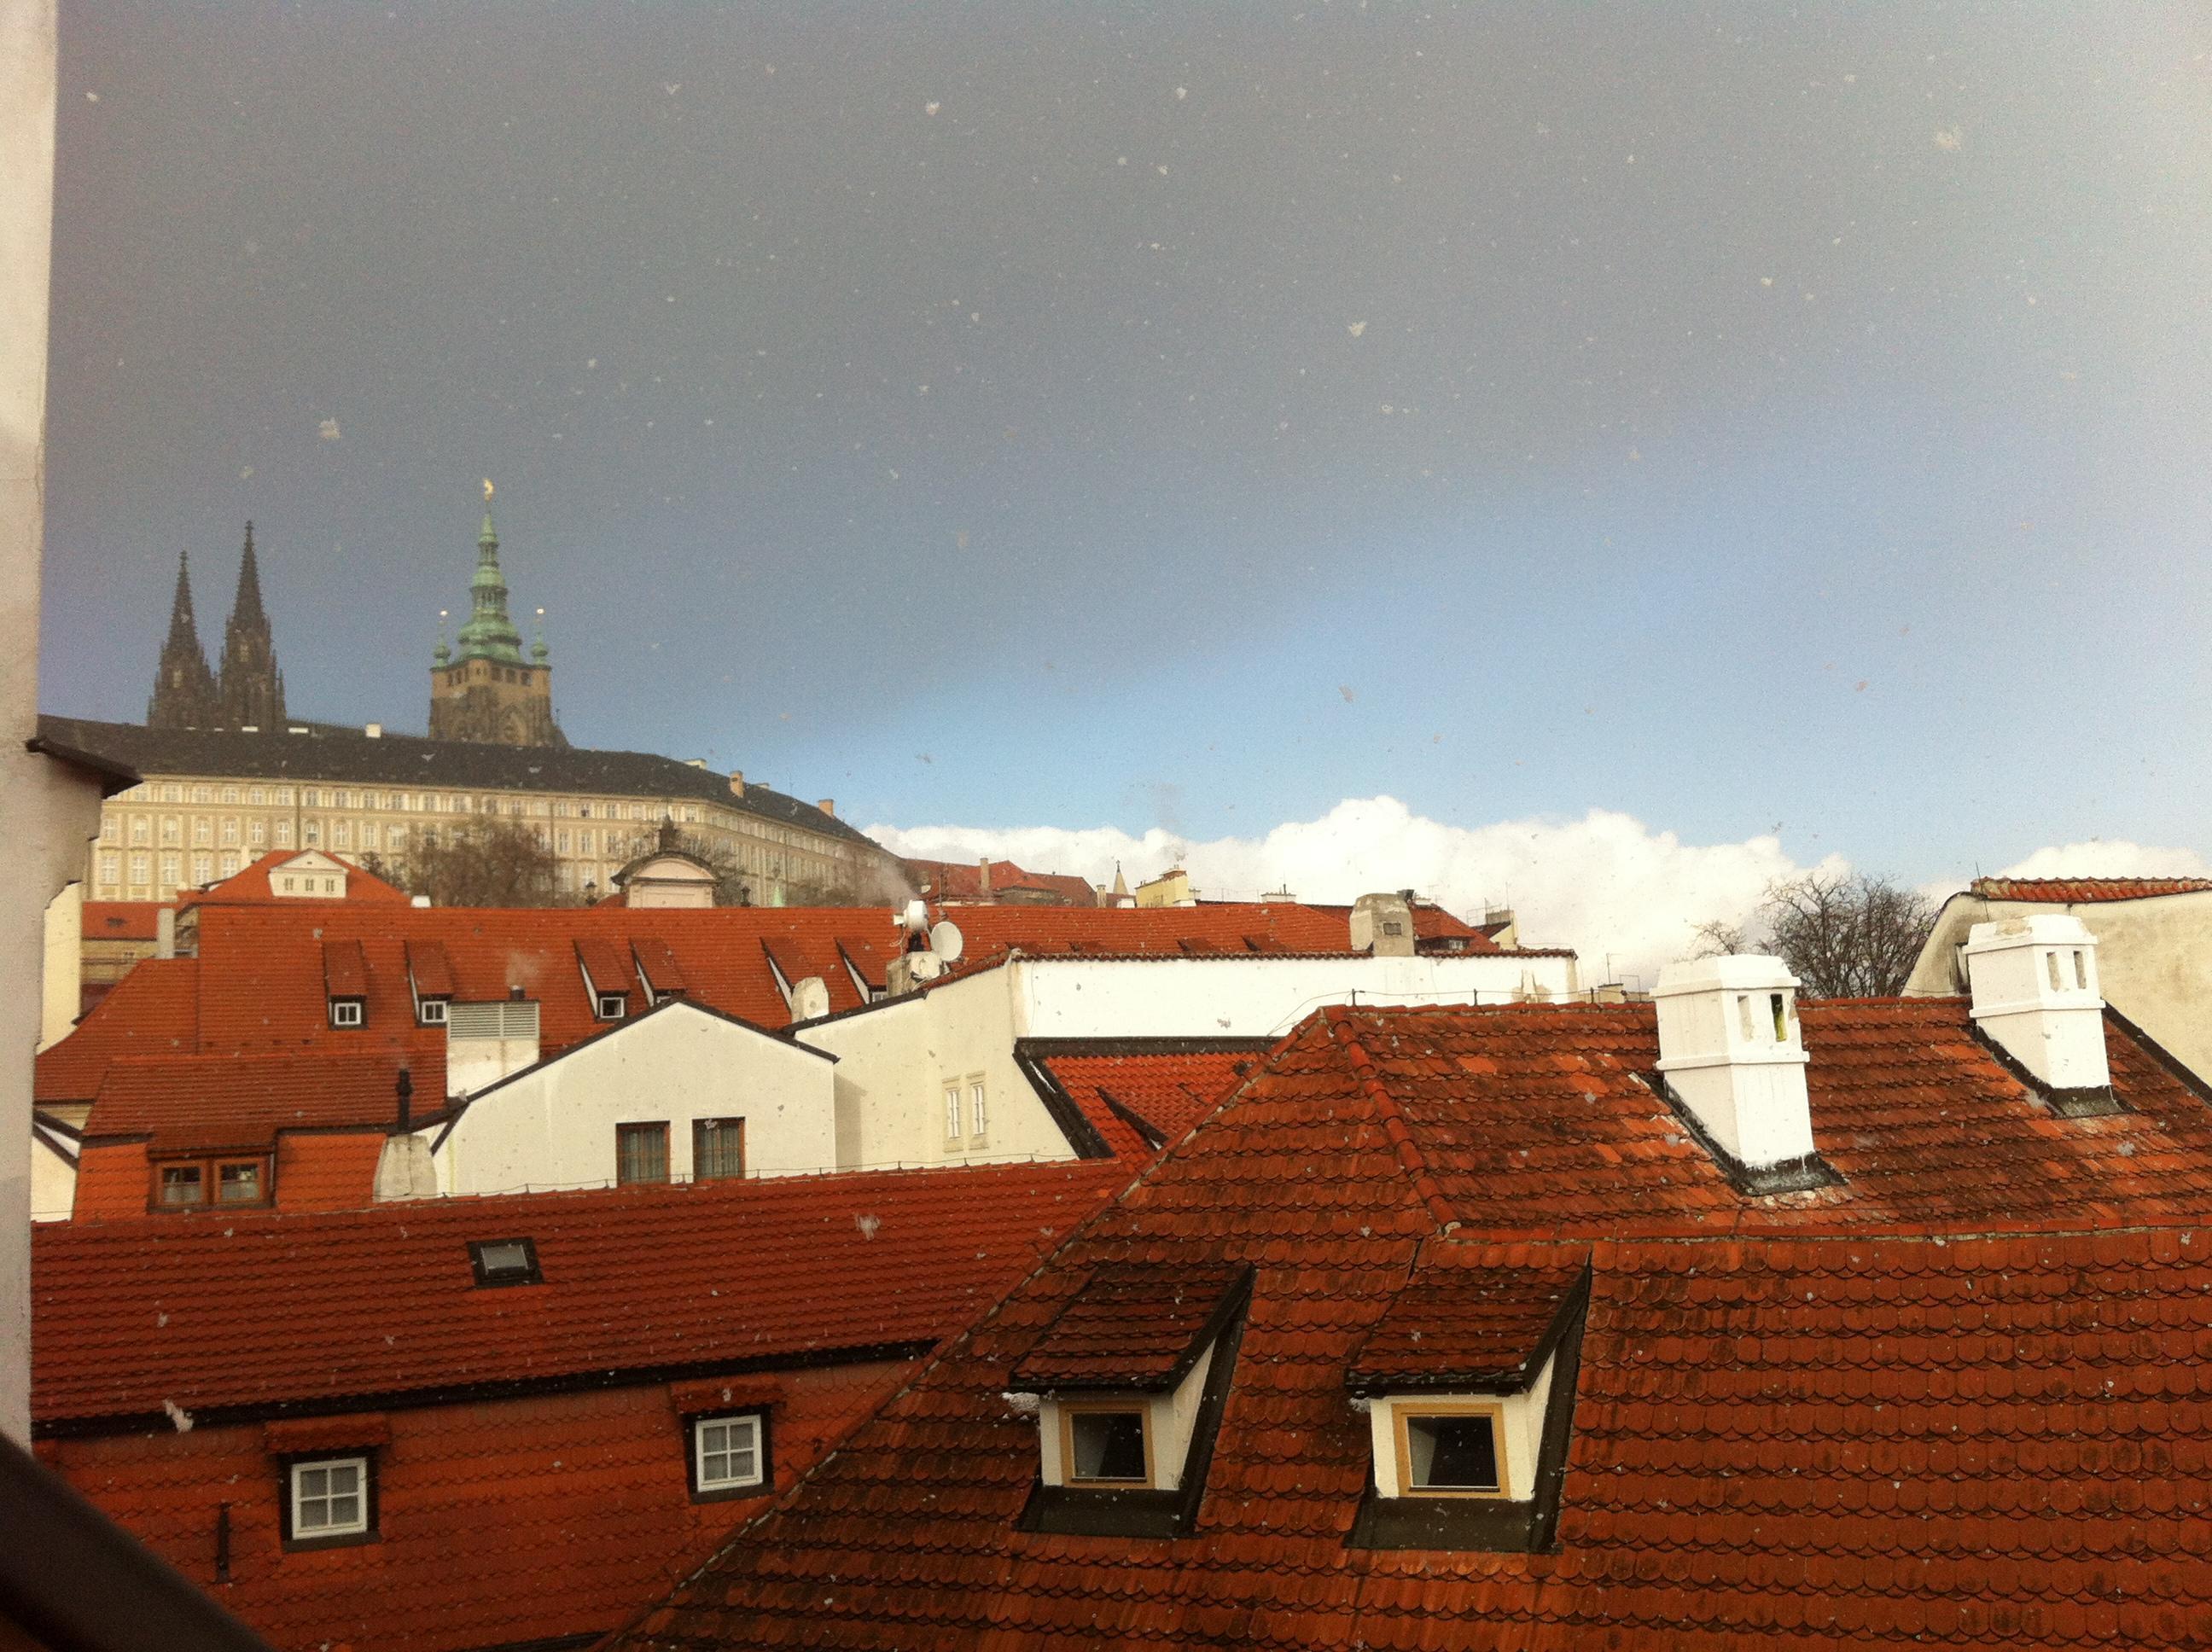 Dormire a Praga - appartamenti e piccole pensioni. | Viaggio a Praga